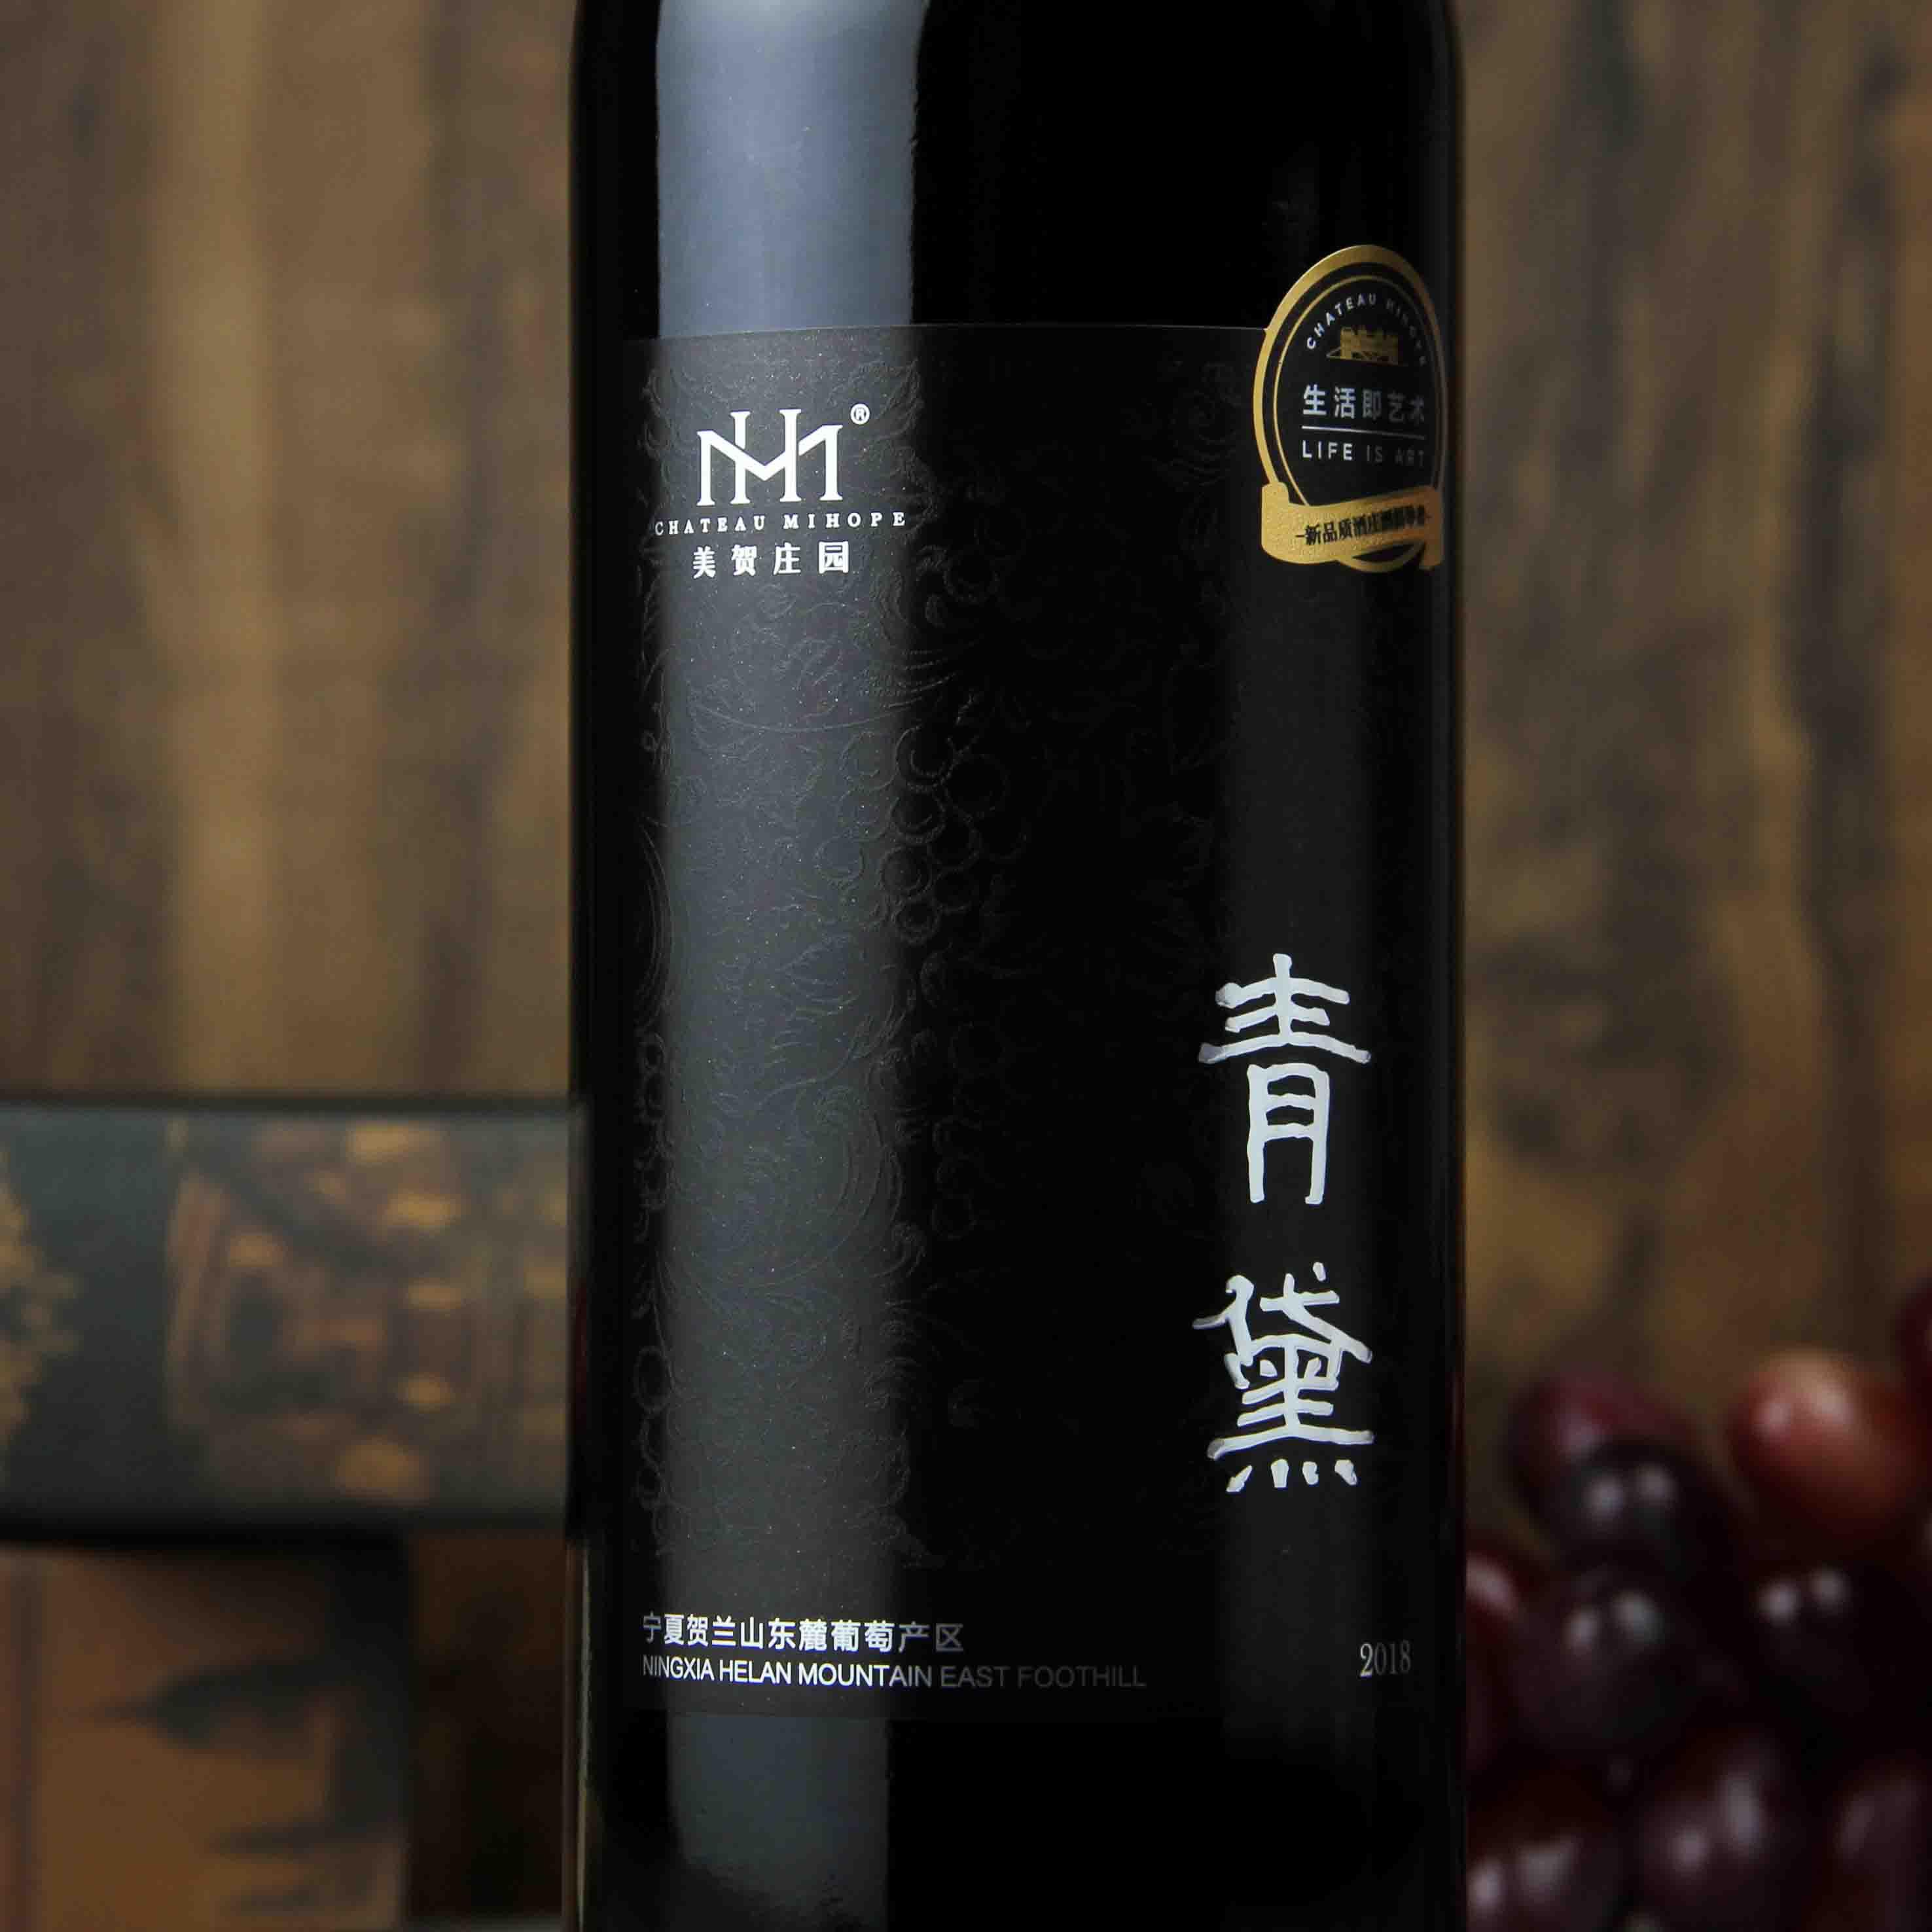 中国宁夏区美贺庄园青黛干红葡萄酒